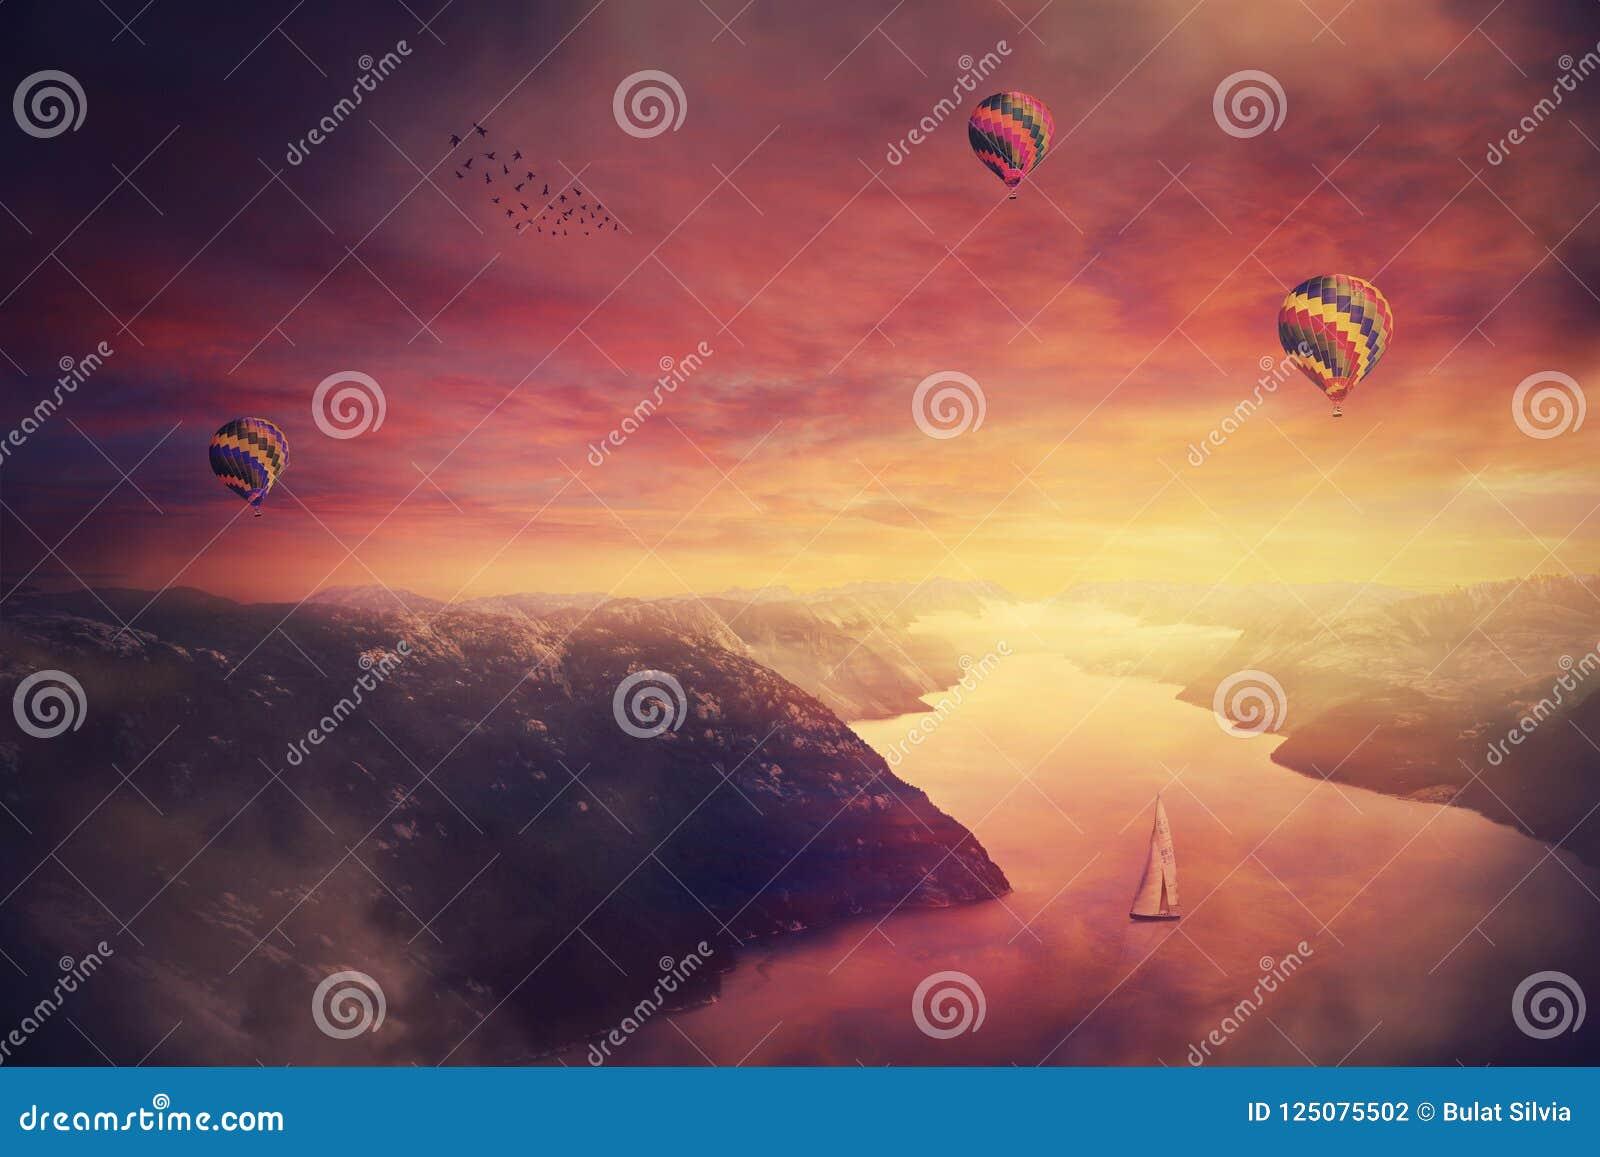 Στοχαστικό πορφυρό ηλιοβασίλεμα